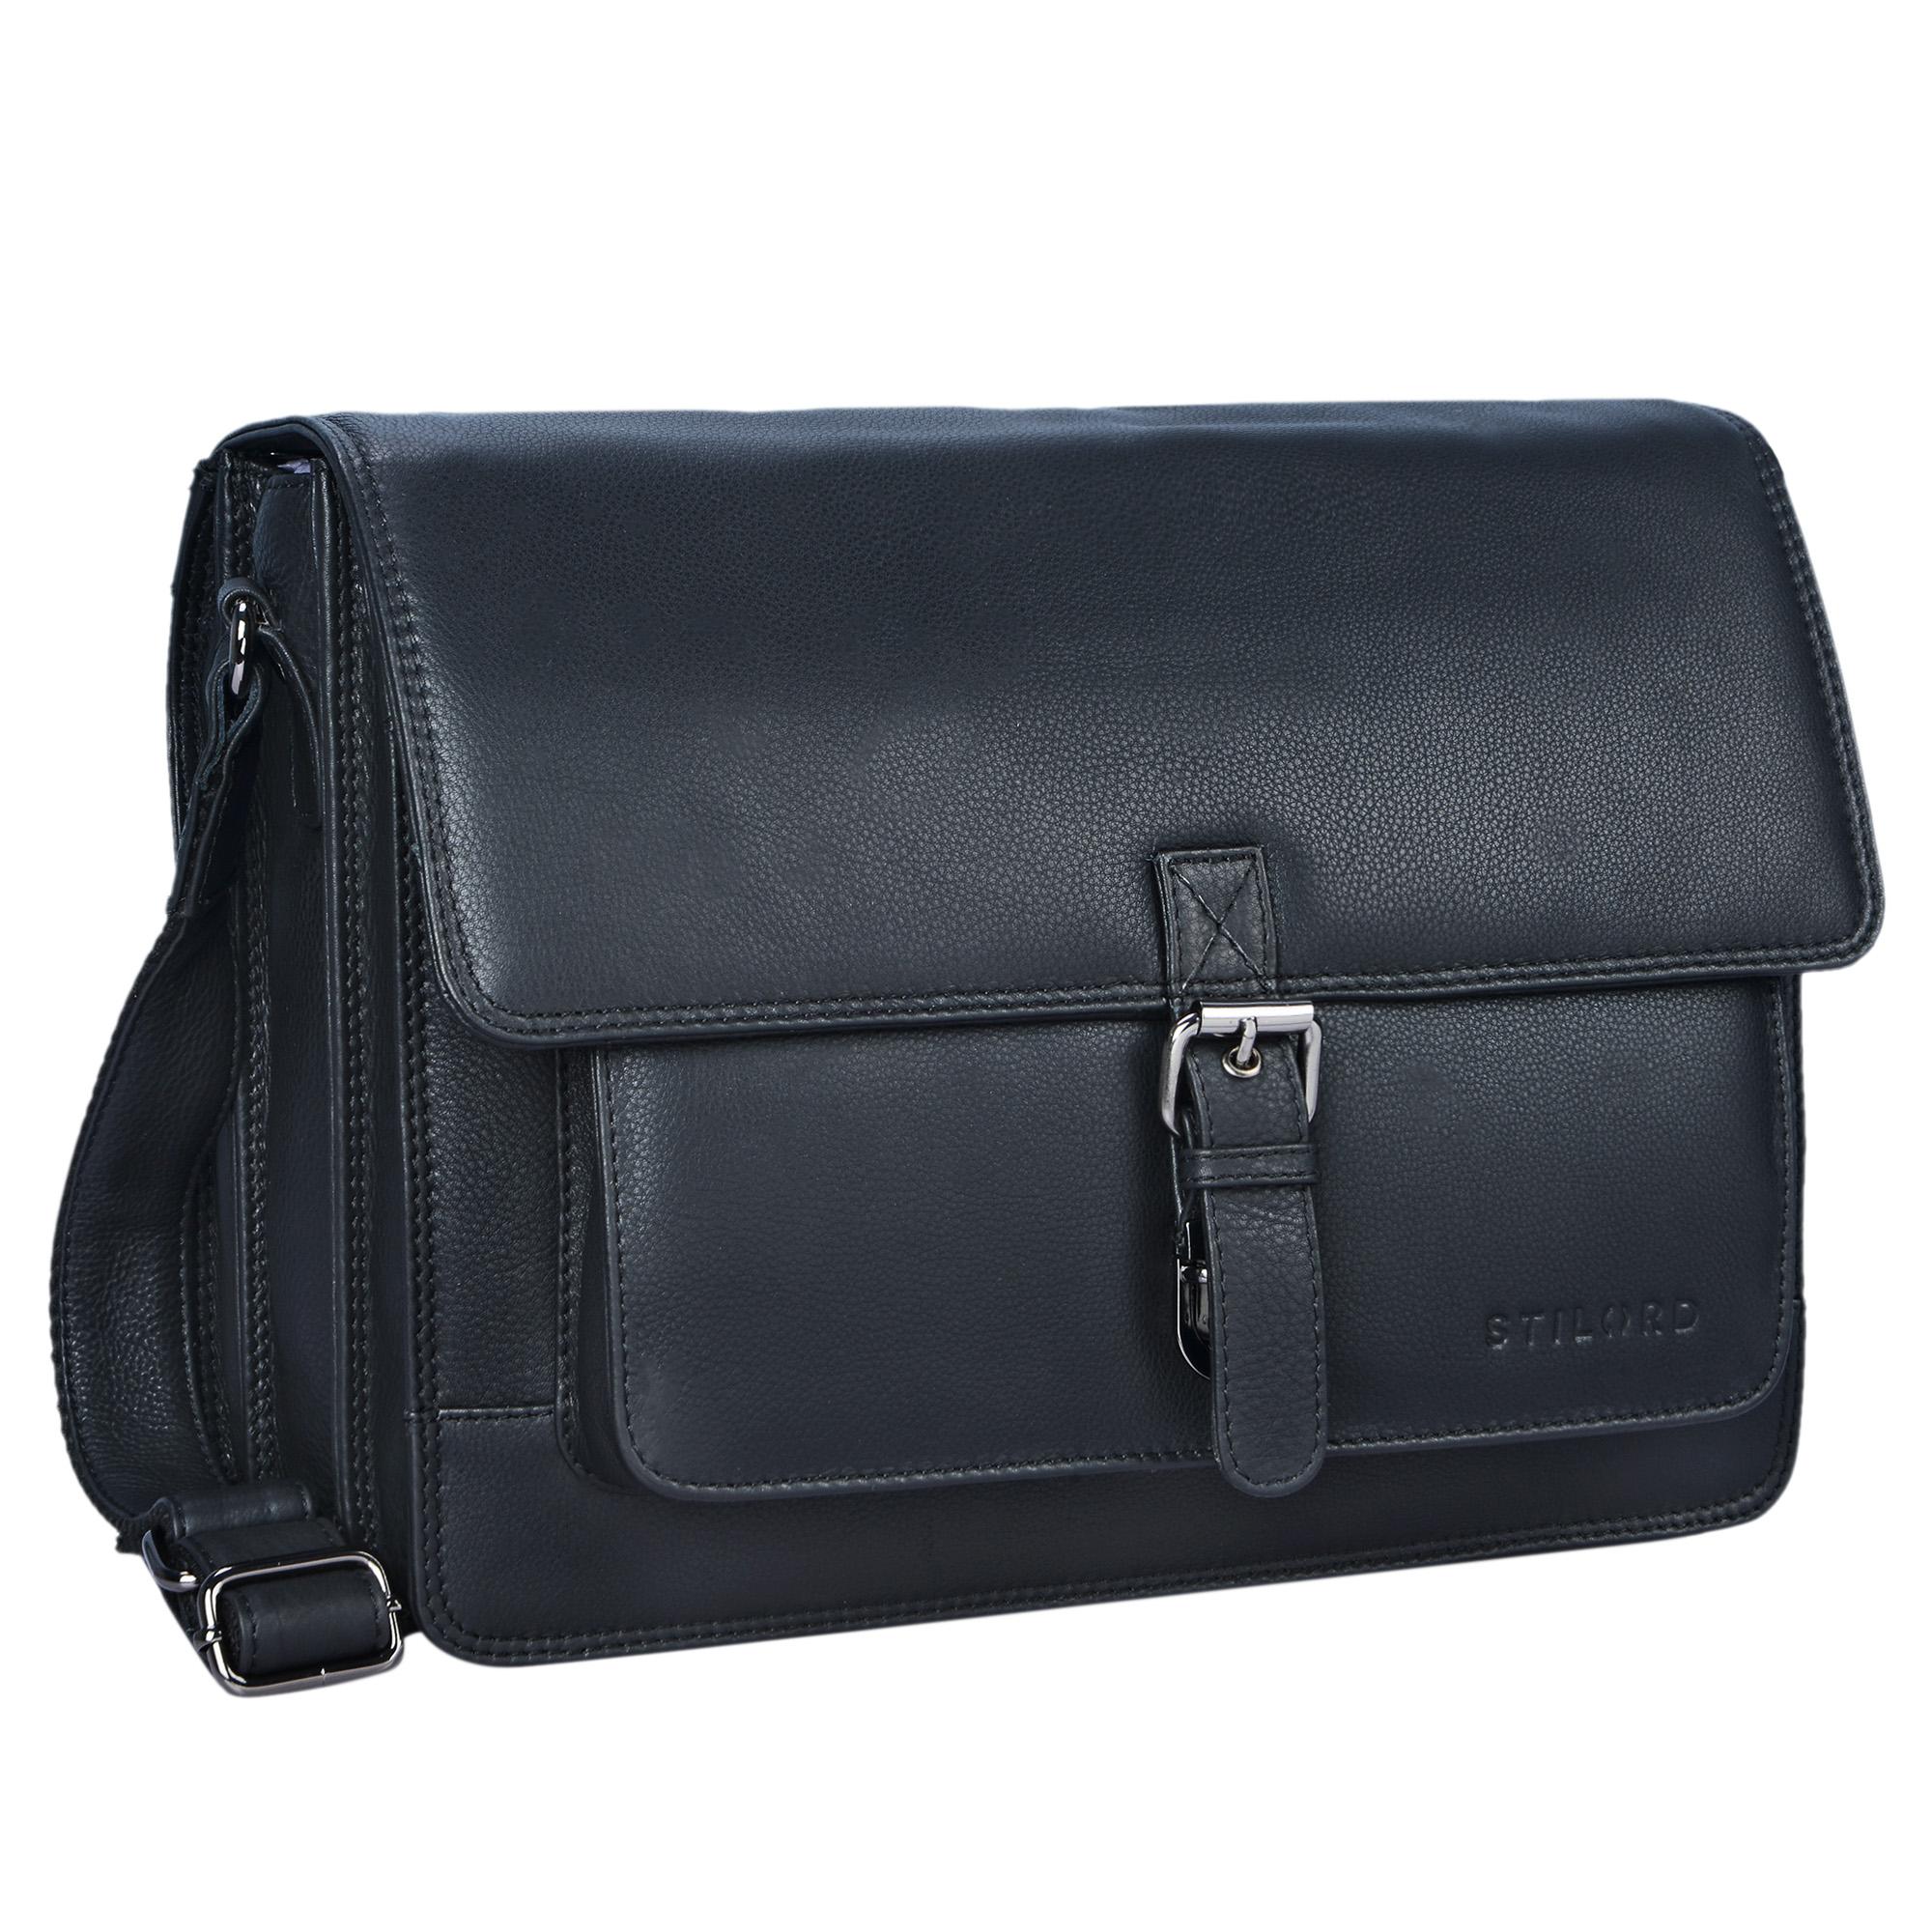 """STILORD """"Romeo"""" Kleine Aktentasche Leder für Herren Damen Vintage Businesstasche Bürotasche für DIN A4 Dokumente und 13,3 Zoll Laptops MacBooks aus echtem Leder - Bild 15"""